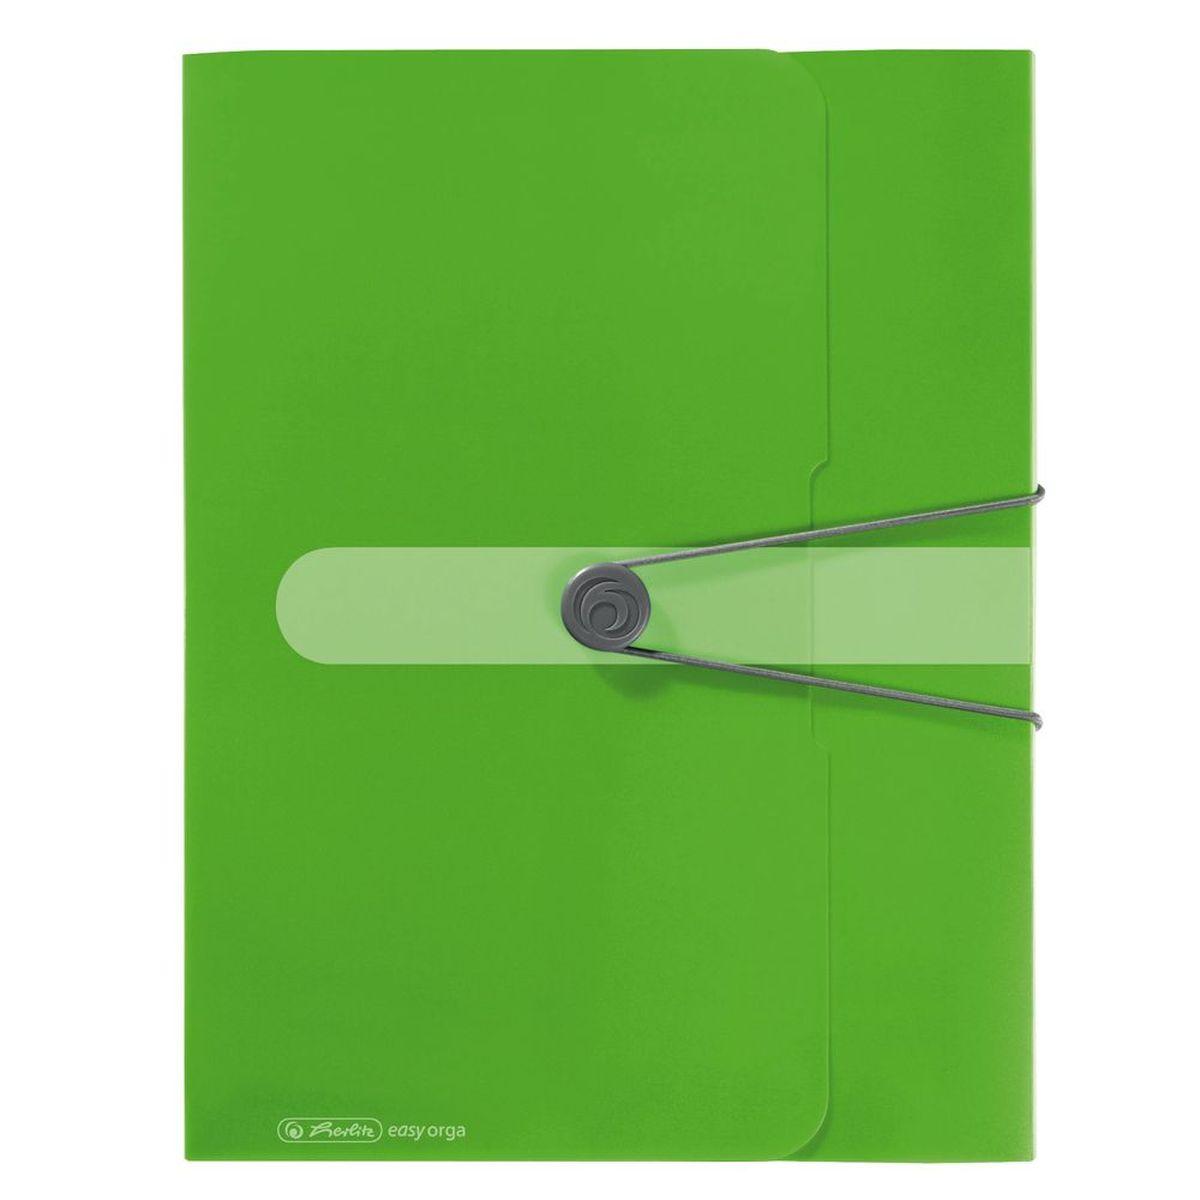 Herlitz Папка-конверт Easy orga to go цвет зеленый11206133Папка-конверт Herlitz Easy orga to go станет вашим верным помощником дома и в офисе.Это удобный и функциональный инструмент, предназначенный для хранения и транспортировки больших объемов рабочих бумаг и документов формата А4. Папка изготовлена из износостойкого пластика и качественного полипропилена. Состоит из одного вместительного отделения. Закрывается папка при помощи резинки, а на корешке папки есть ярлычок.Папка - это незаменимый атрибут для любого студента, школьника или офисного работника. Такая папка надежно сохранит ваши бумаги и сбережет их от повреждений, пыли и влаги.